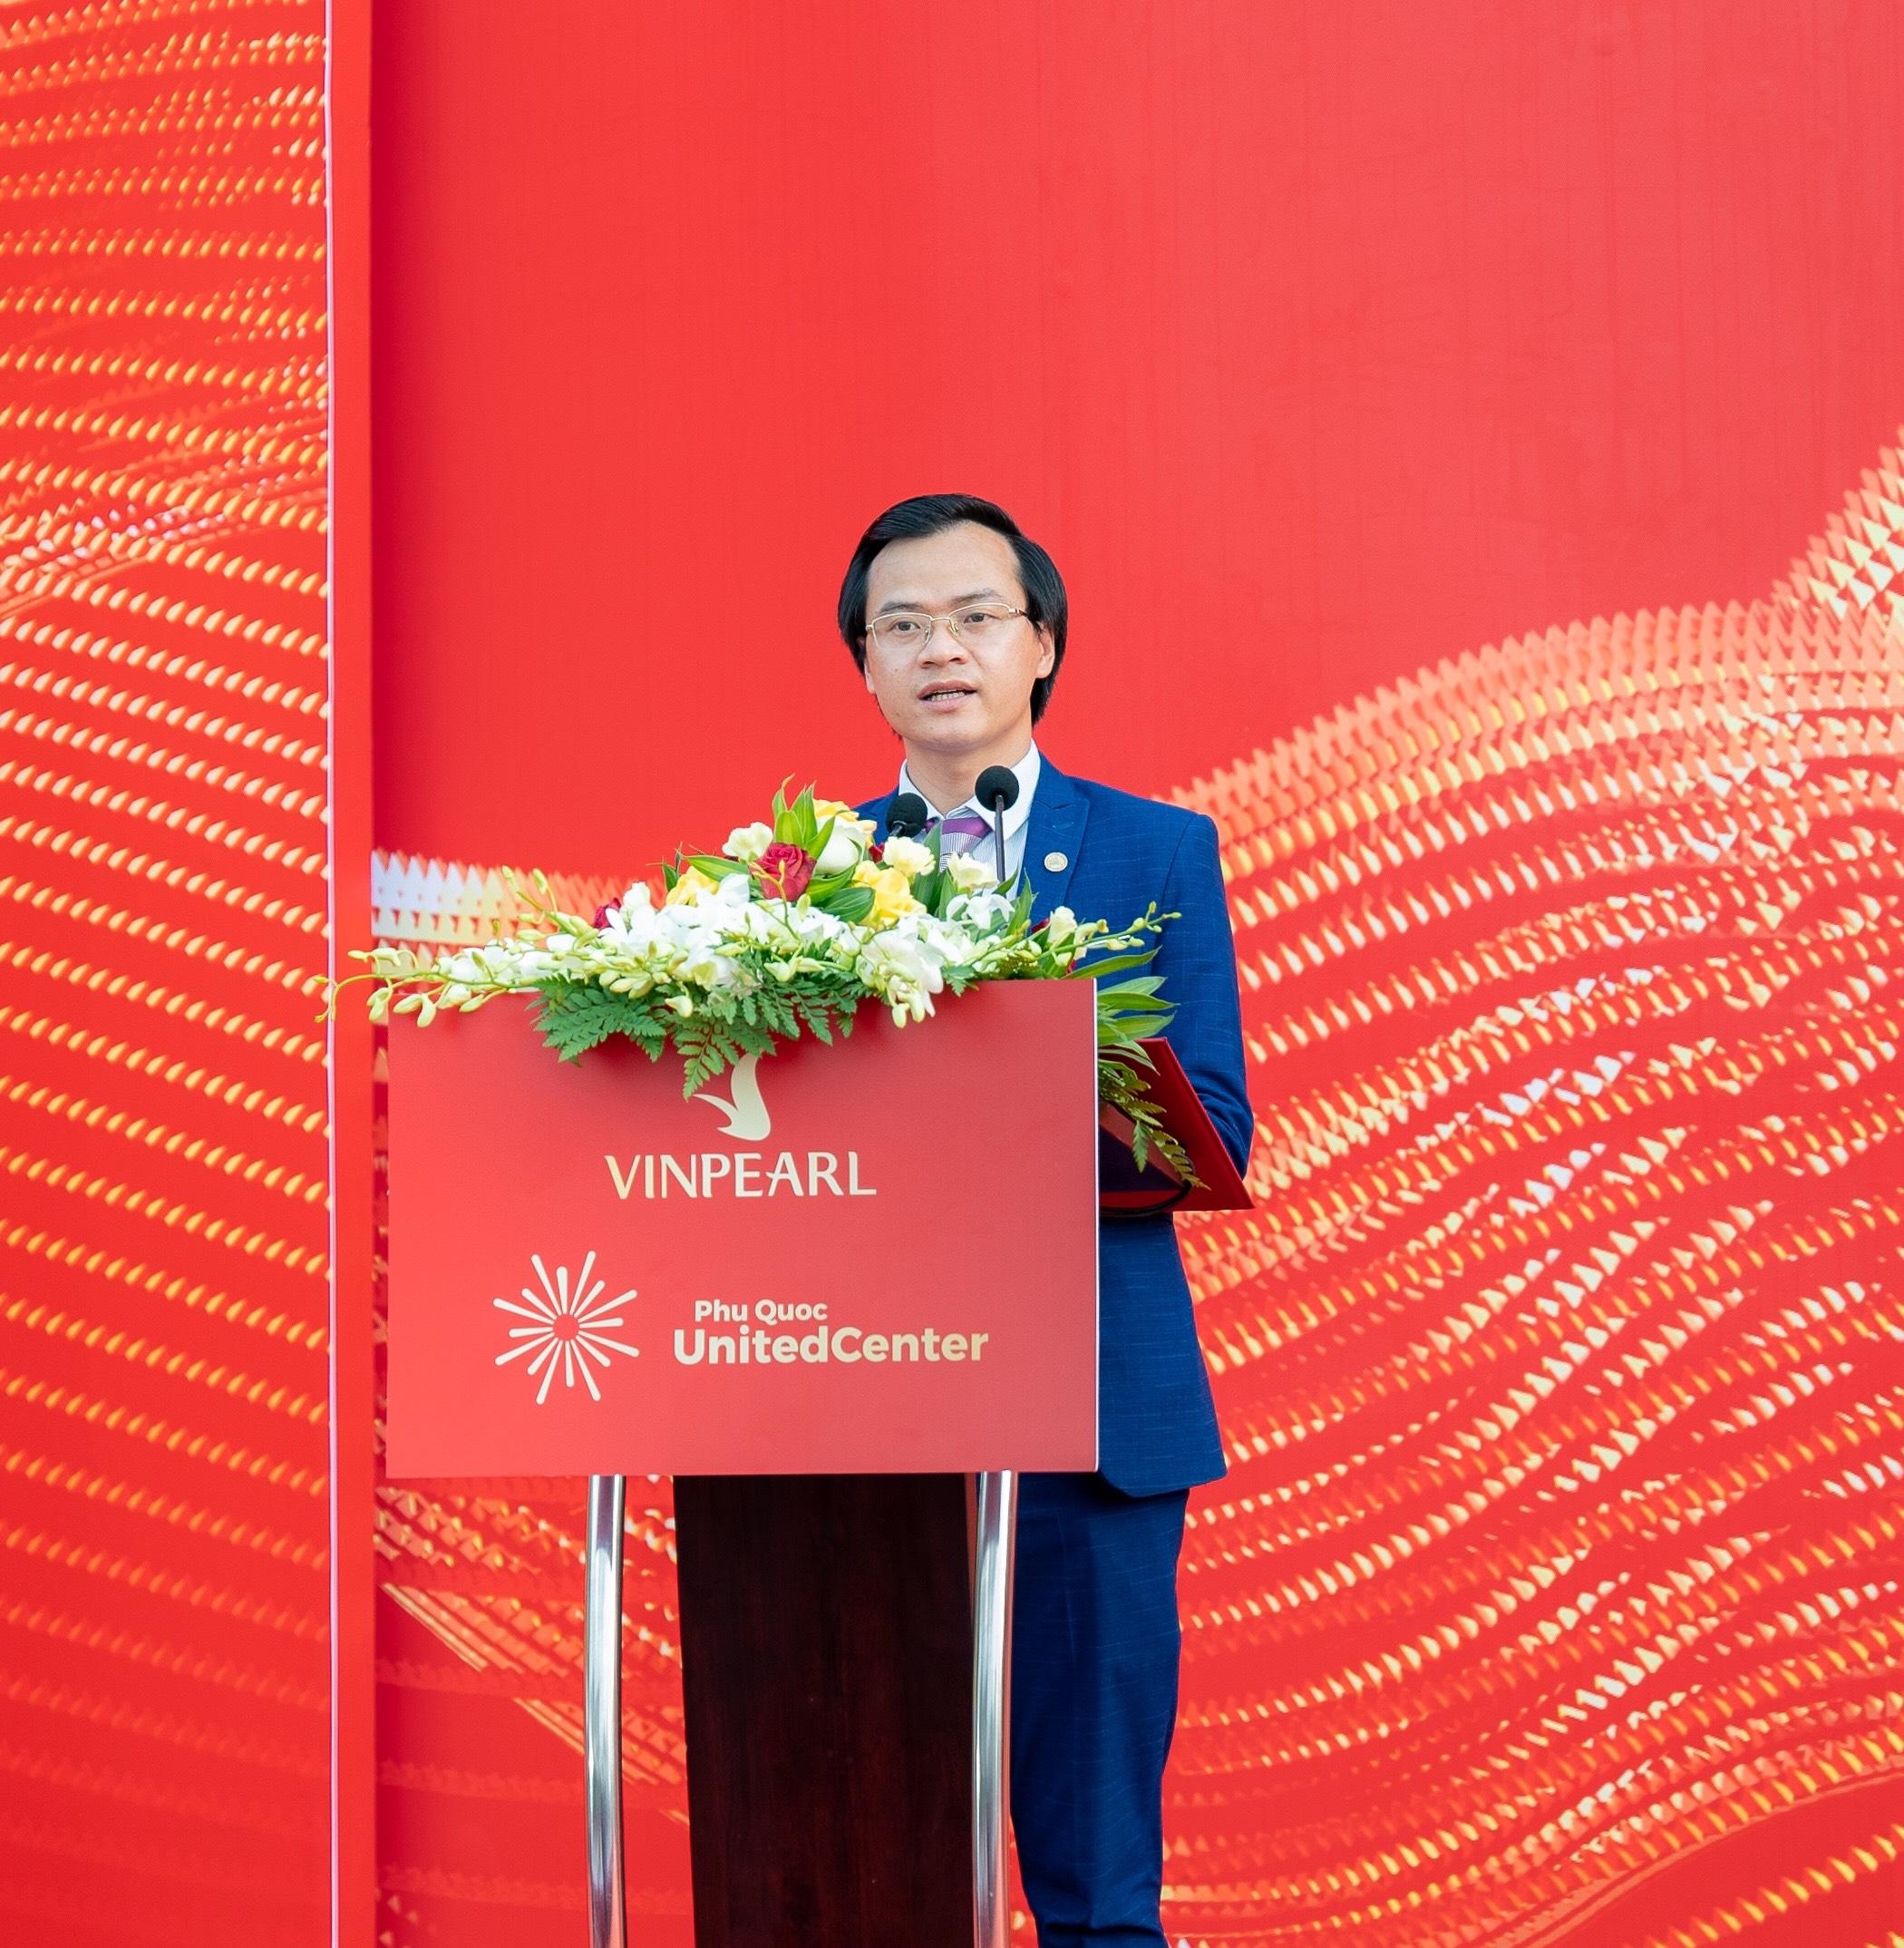 Ông Hoàng Thái Tuấn Anh – Tổng thư ký Tổ chức Kỷ lục Đông Dương, Trưởng VPĐD miền Bắc Tổ chức Kỷ lục Việt Nam đại diện VIETKINGS công bố quyết định.